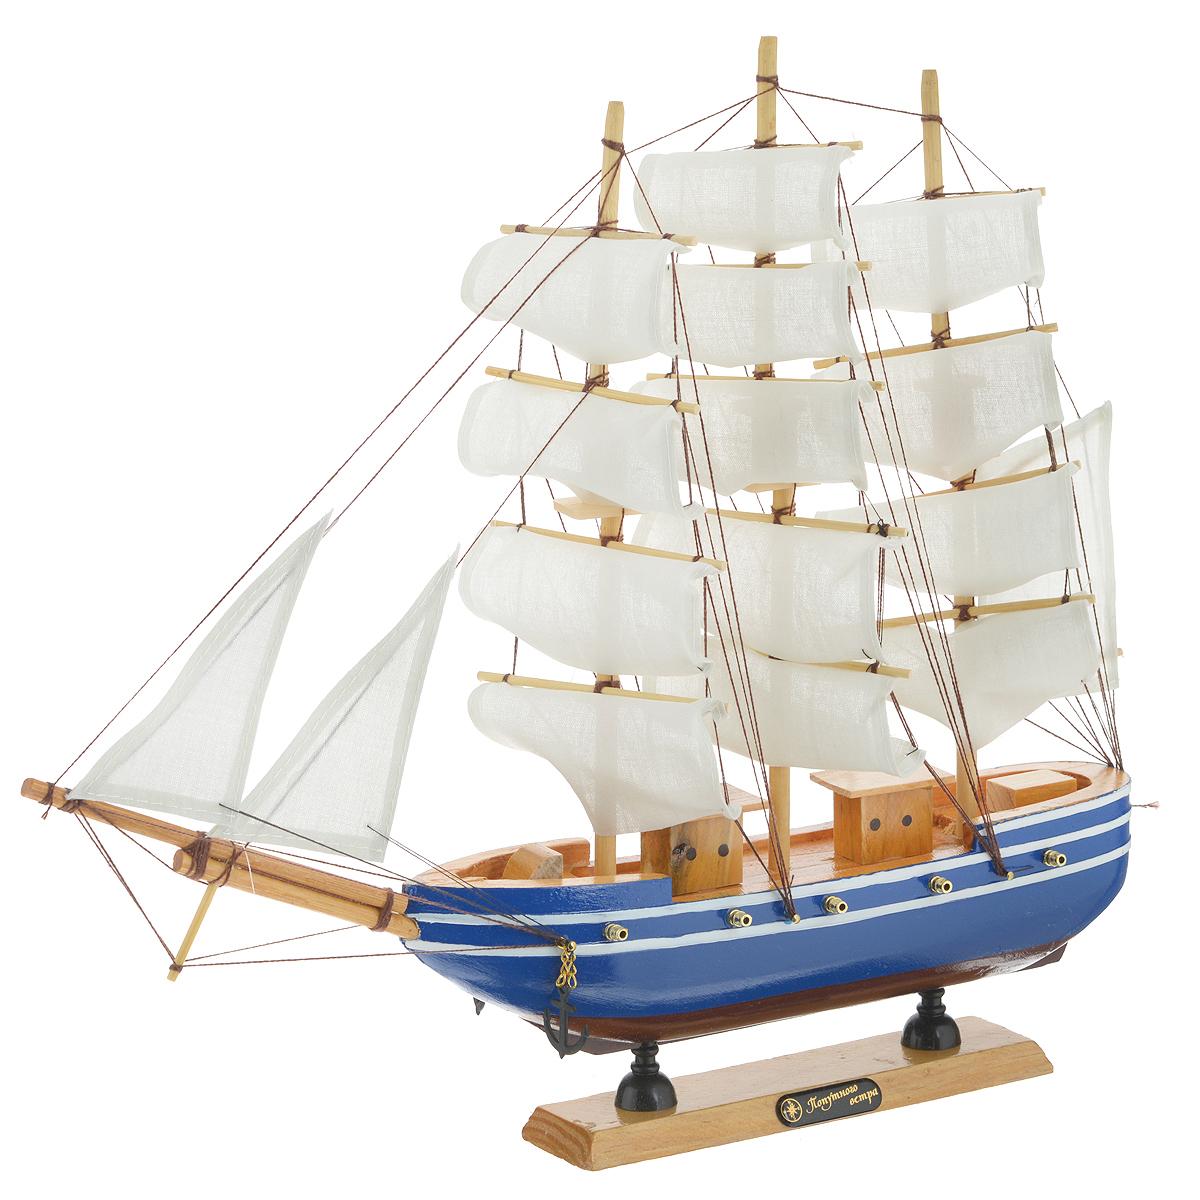 Корабль сувенирный Попутного ветра, длина 41 см. 564193564193Сувенирный корабль Попутного ветра, изготовленный из дерева и текстиля, это великолепный элемент декора рабочей зоны в офисе или кабинете. Корабль с парусами помещен на деревянную подставку. Время идет, и мы становимся свидетелями развития технического прогресса, новых учений и практик. Но одно не подвластно времени - это любовь человека к морю и кораблям. Сувенирный корабль наполнен историей и силой океанских вод. Данная модель кораблика станет отличным подарком для всех любителей морей, поклонников историй о покорении океанов и неизведанных земель. Модель корабля - подарок со смыслом. Издавна на Руси считалось, что корабли приносят удачу и везение. Поэтому их изображения, фигурки и точные копии всегда присутствовали в помещениях. Удивите себя и своих близких необычным презентом.